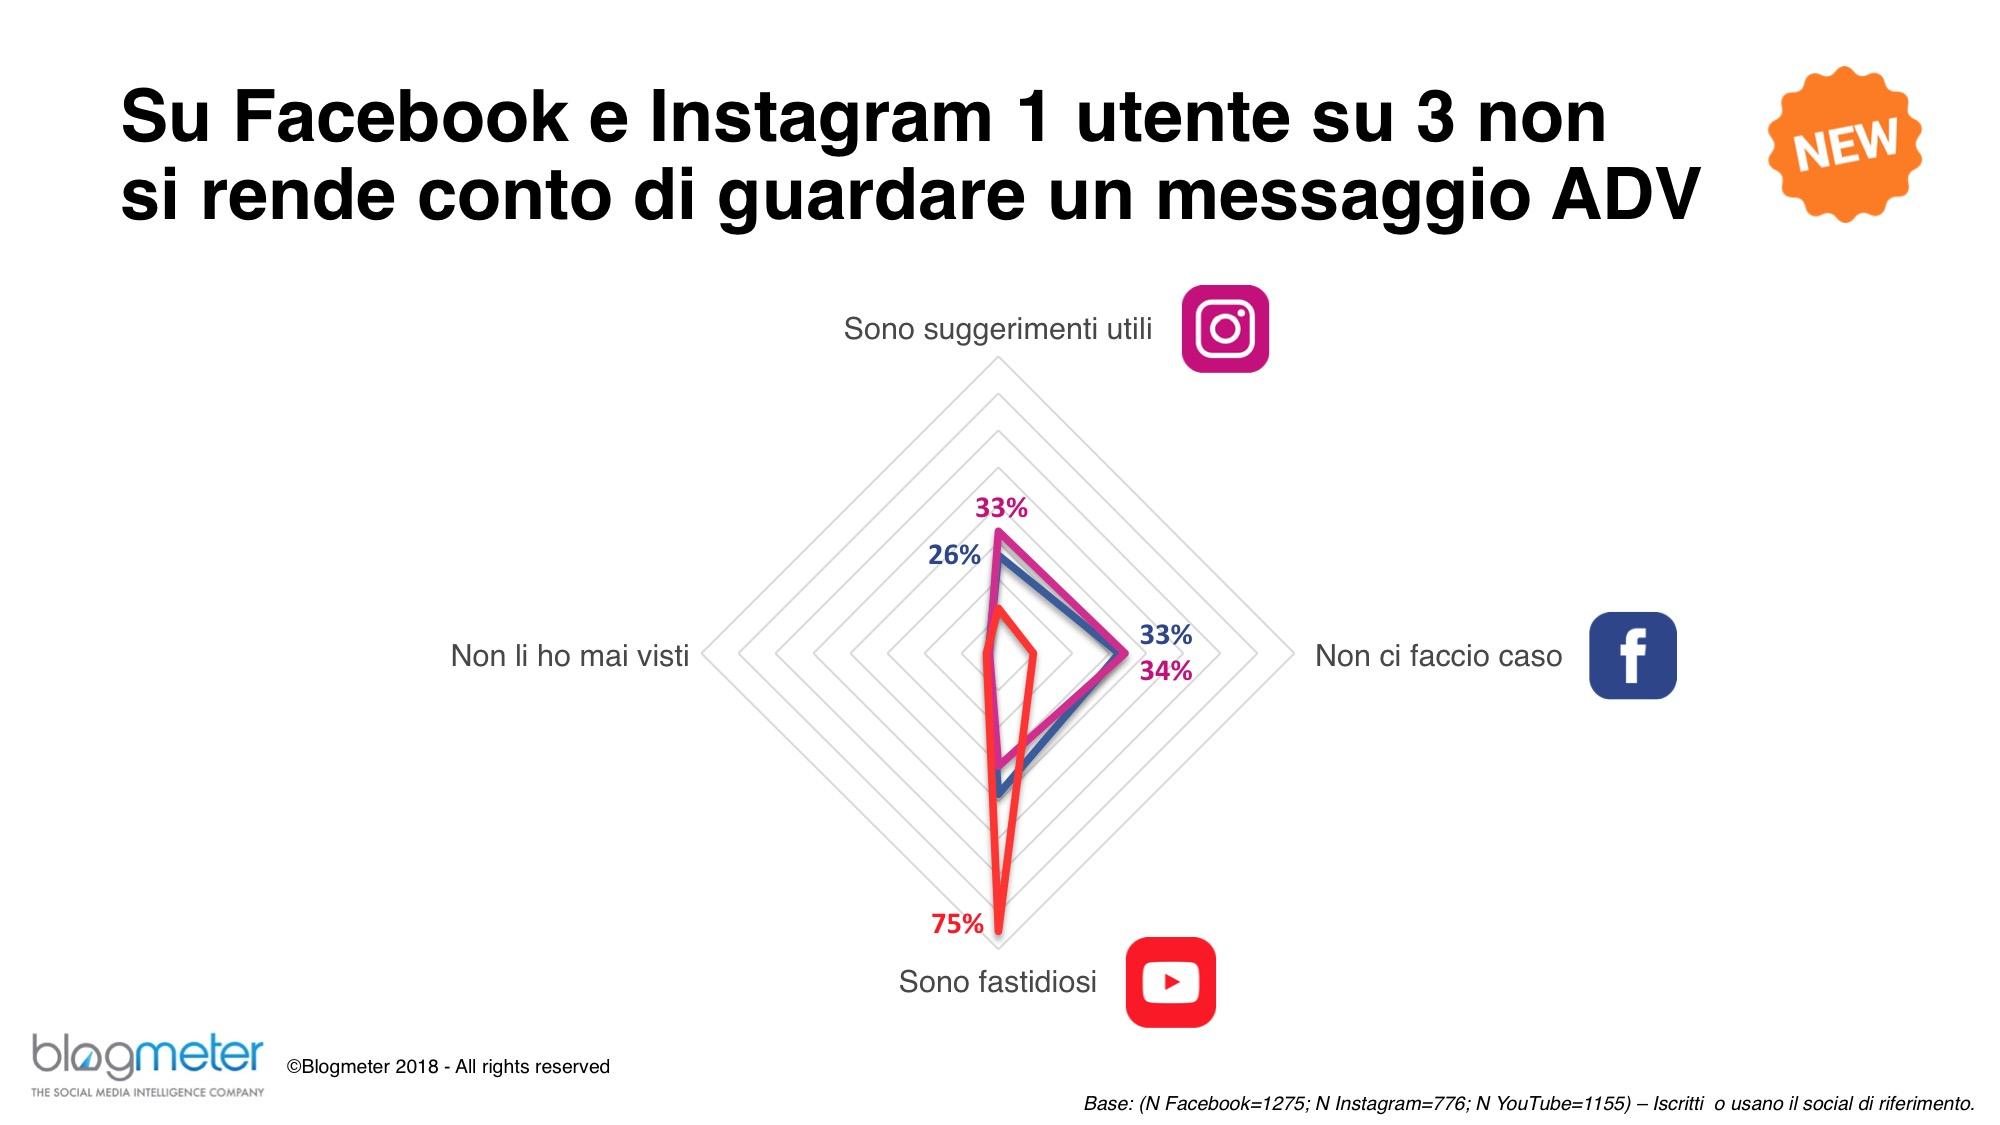 Blogmeter_Facebook-Instagram-e-ADV_Signorelli&Parnters_agenzia_di_comunicazione